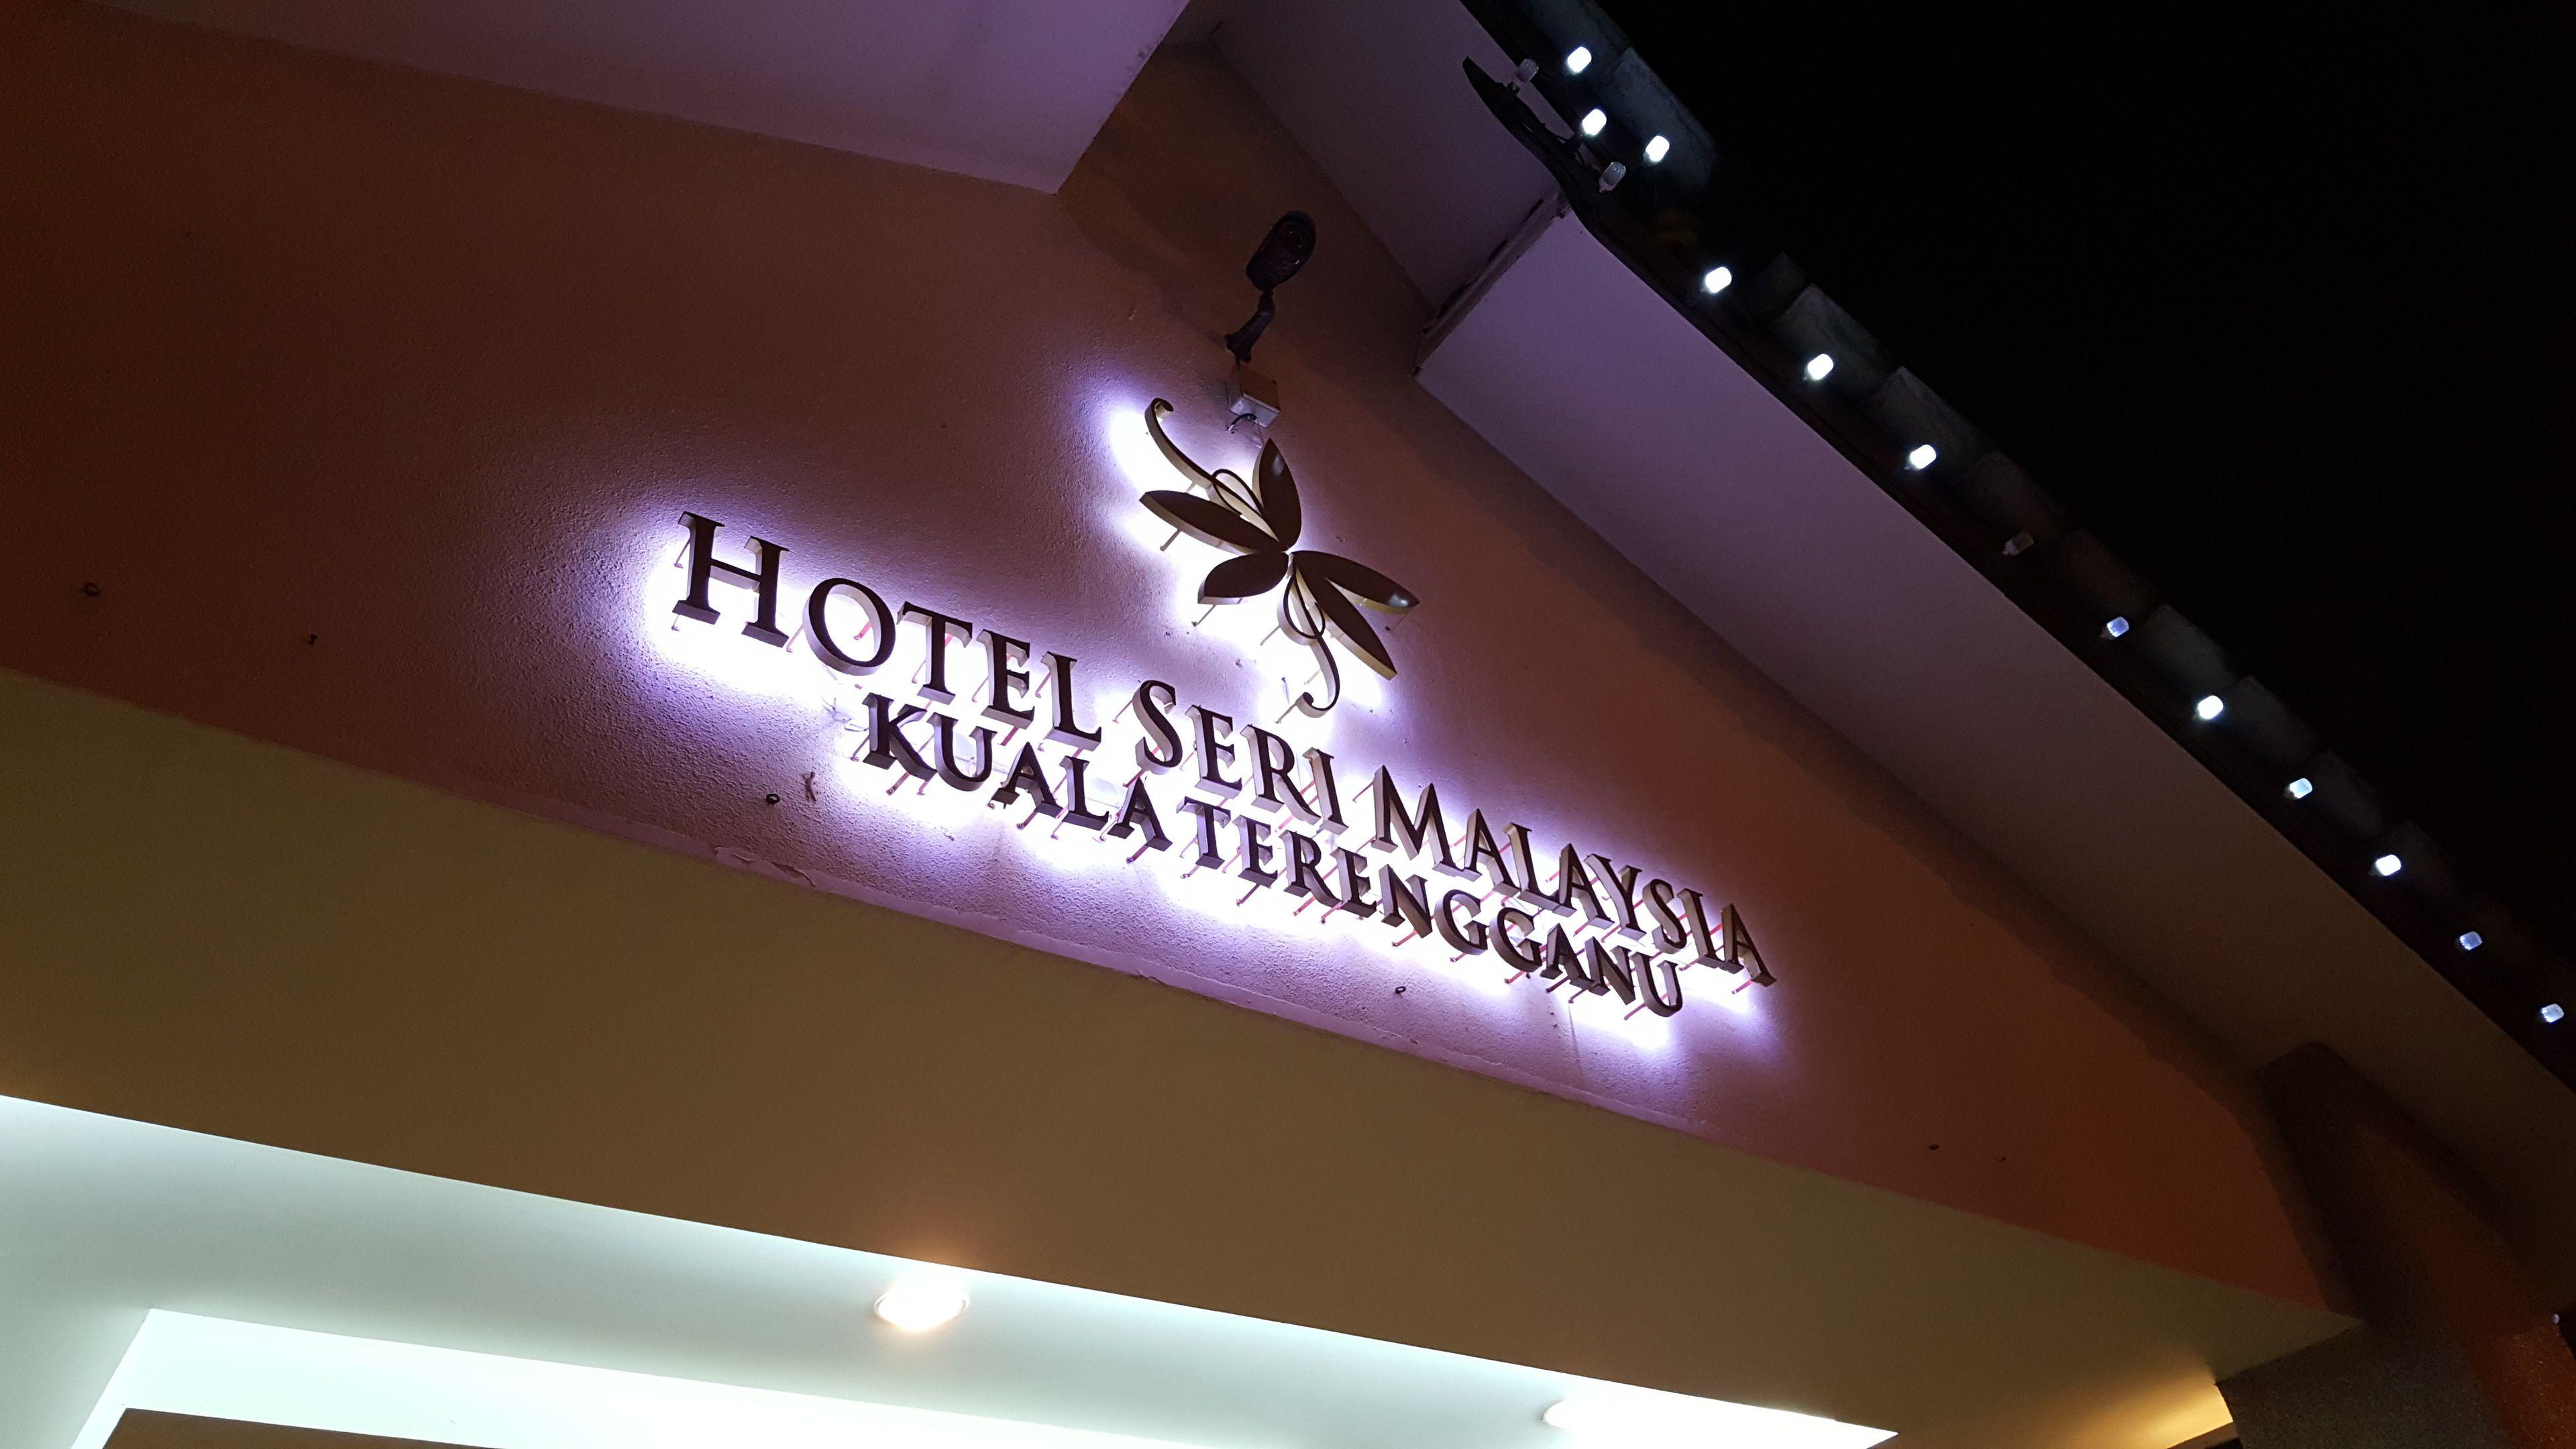 Seri Malaysia Kuala Terengganu